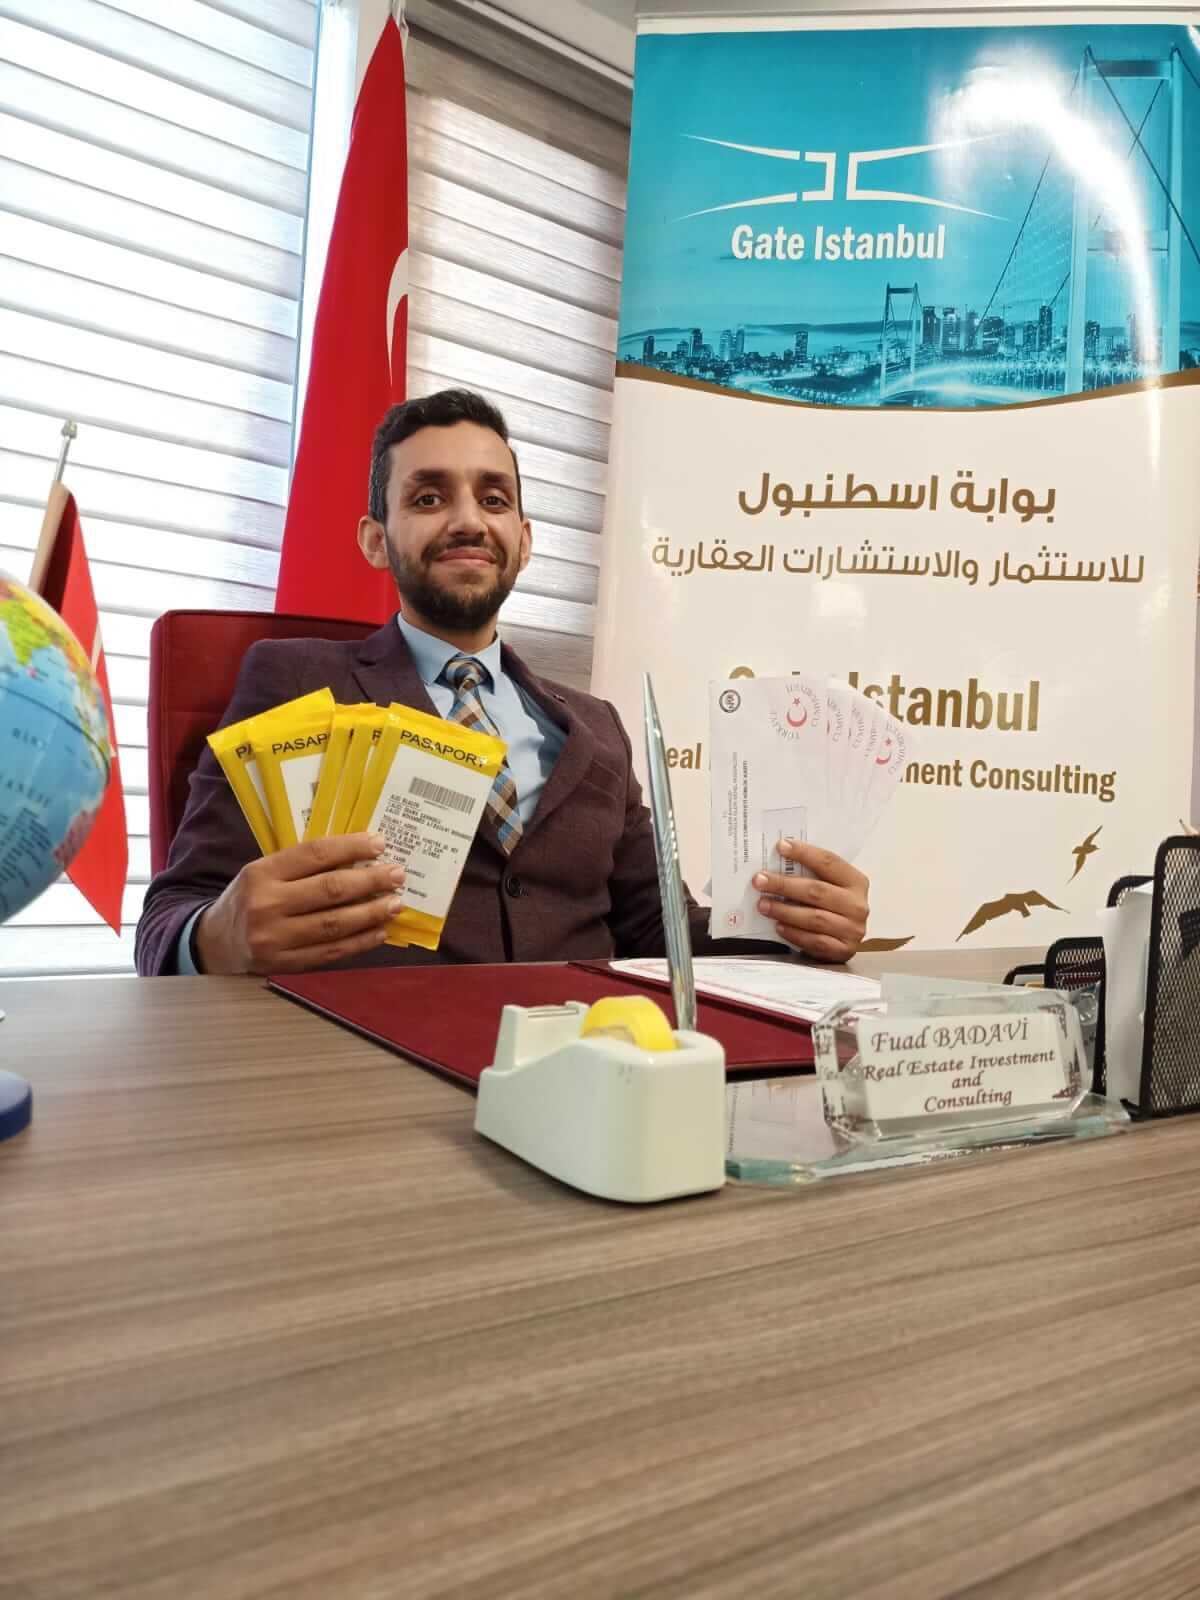 محام تركي: أكثر من 20 ألف مستثمر تجنسوا عبر الاستثمار (مقابلة)